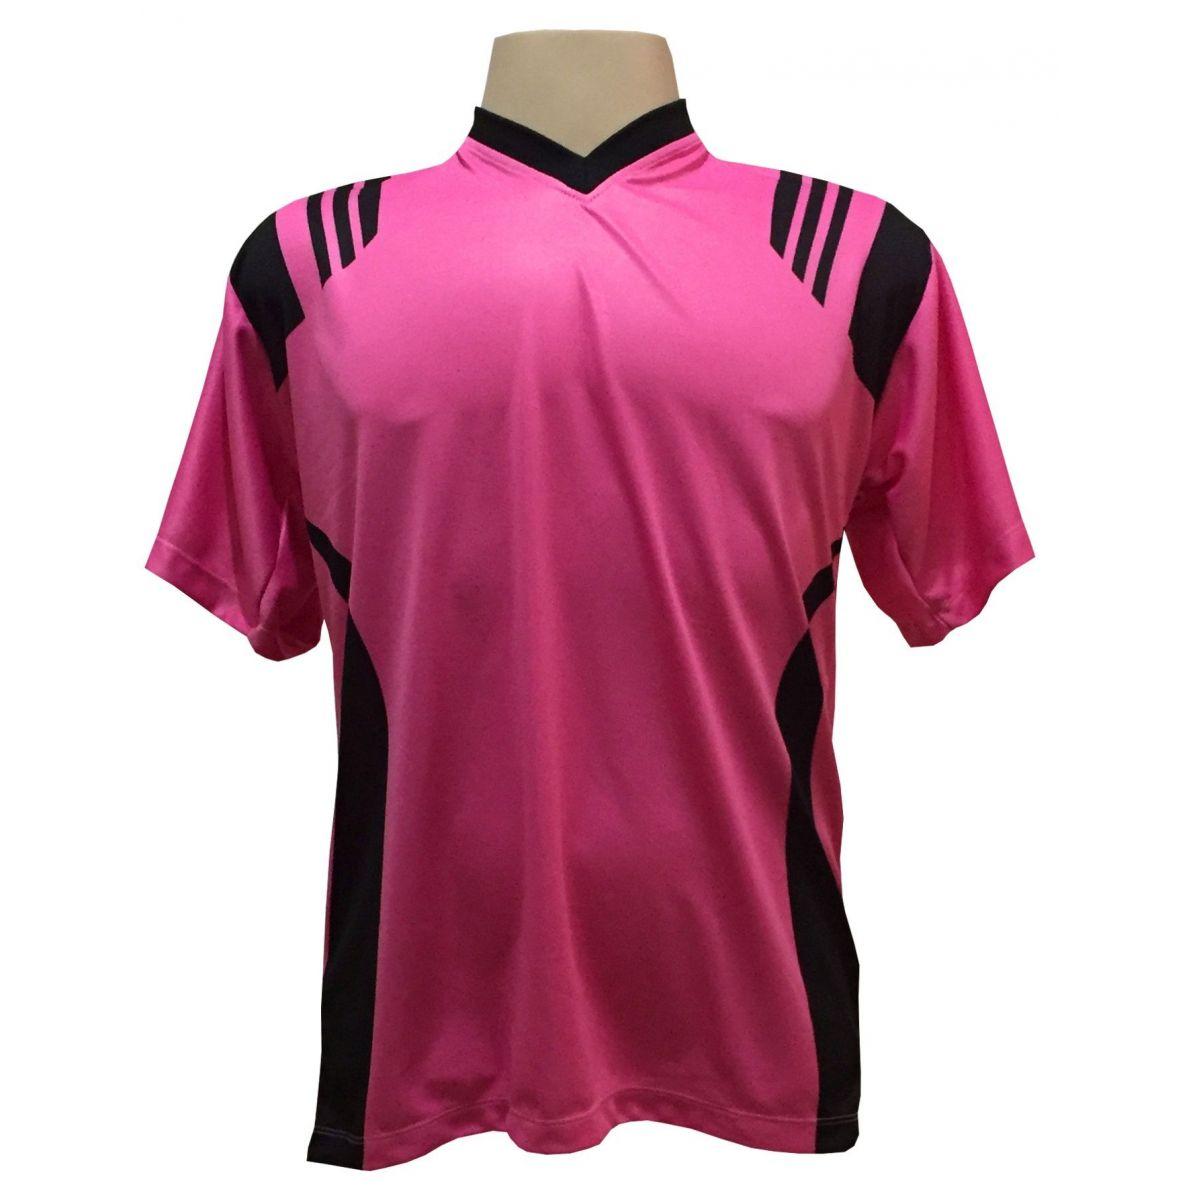 Uniforme Completo modelo Roma 18+2 (18 Camisas Pink/Preto + 18 Calções Madrid Preto + 18 Pares de Meiões Pretos + 2 Conjuntos de Goleiro) + Brindes